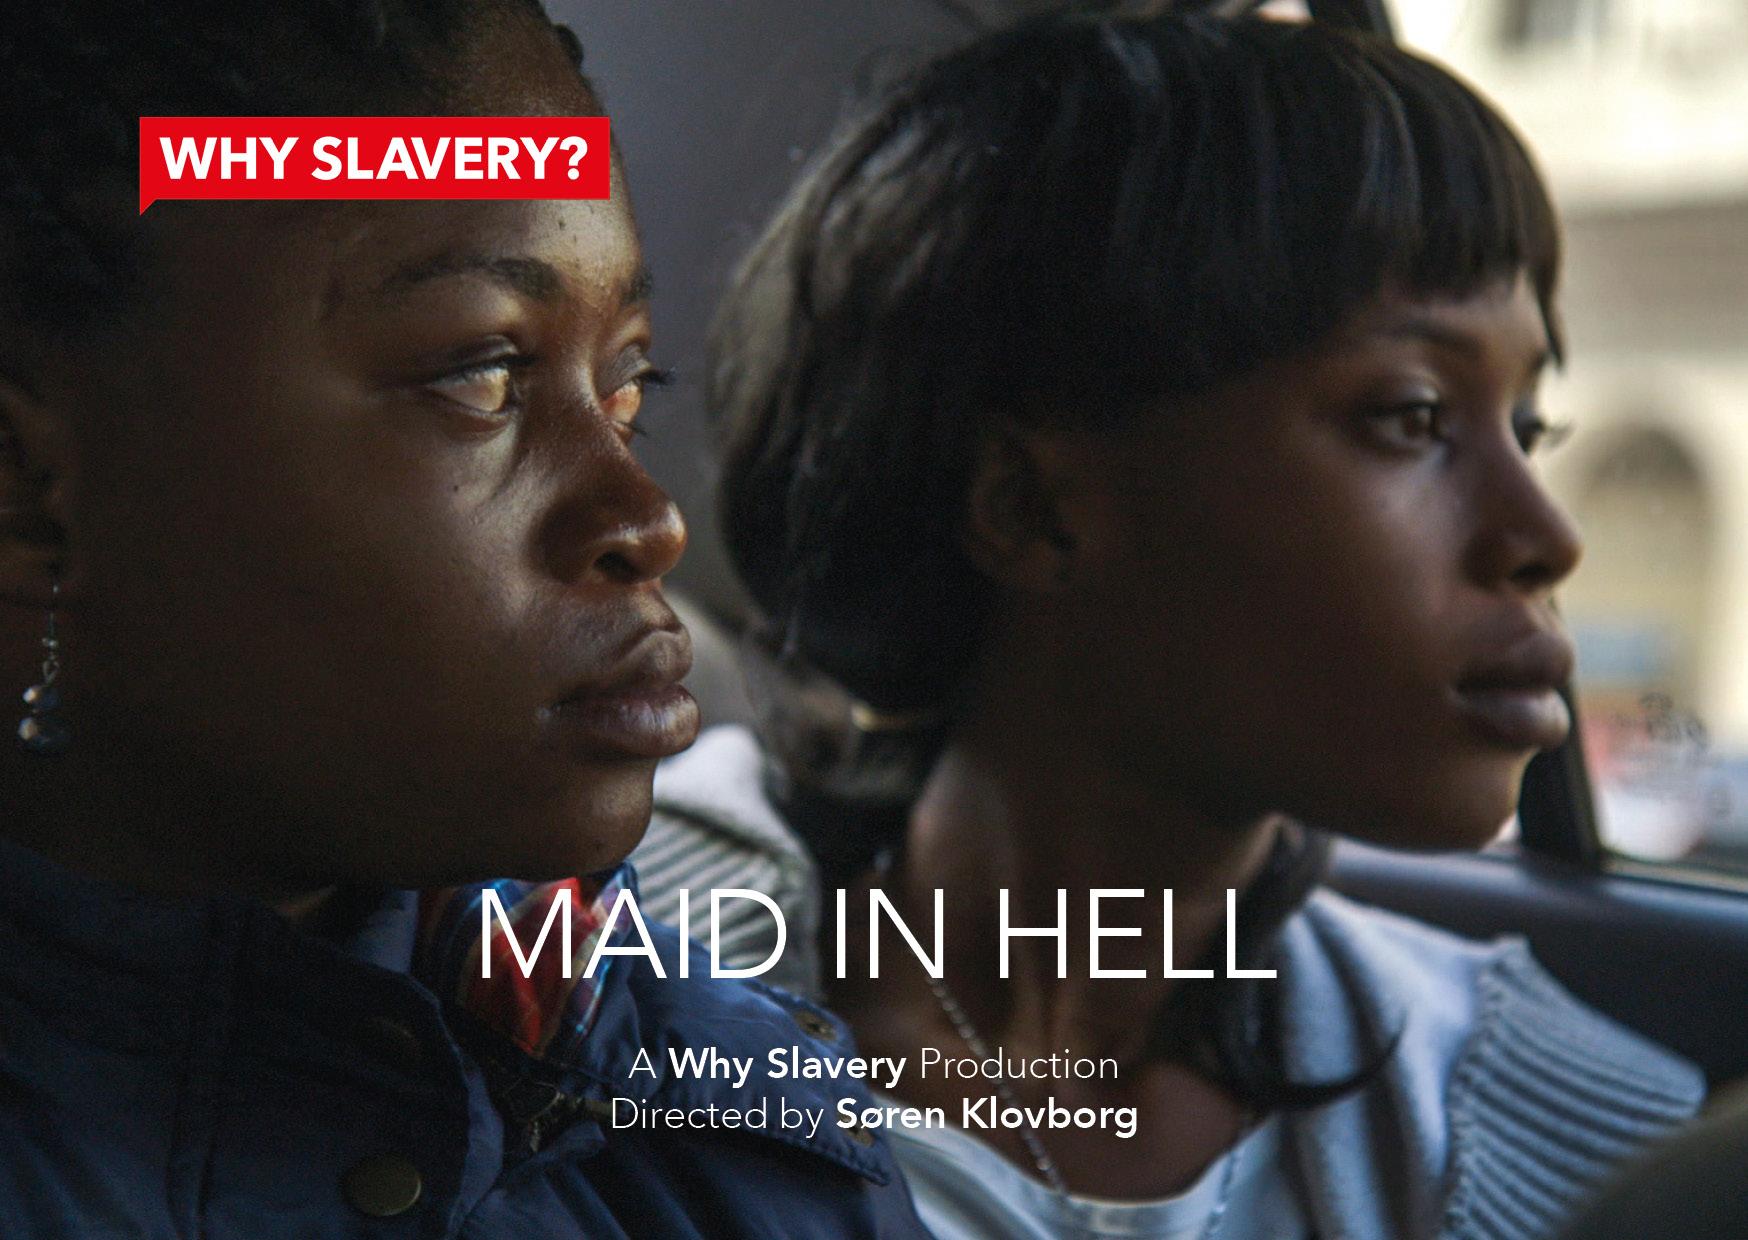 WHY SLAVERY? Sluškinja u paklu